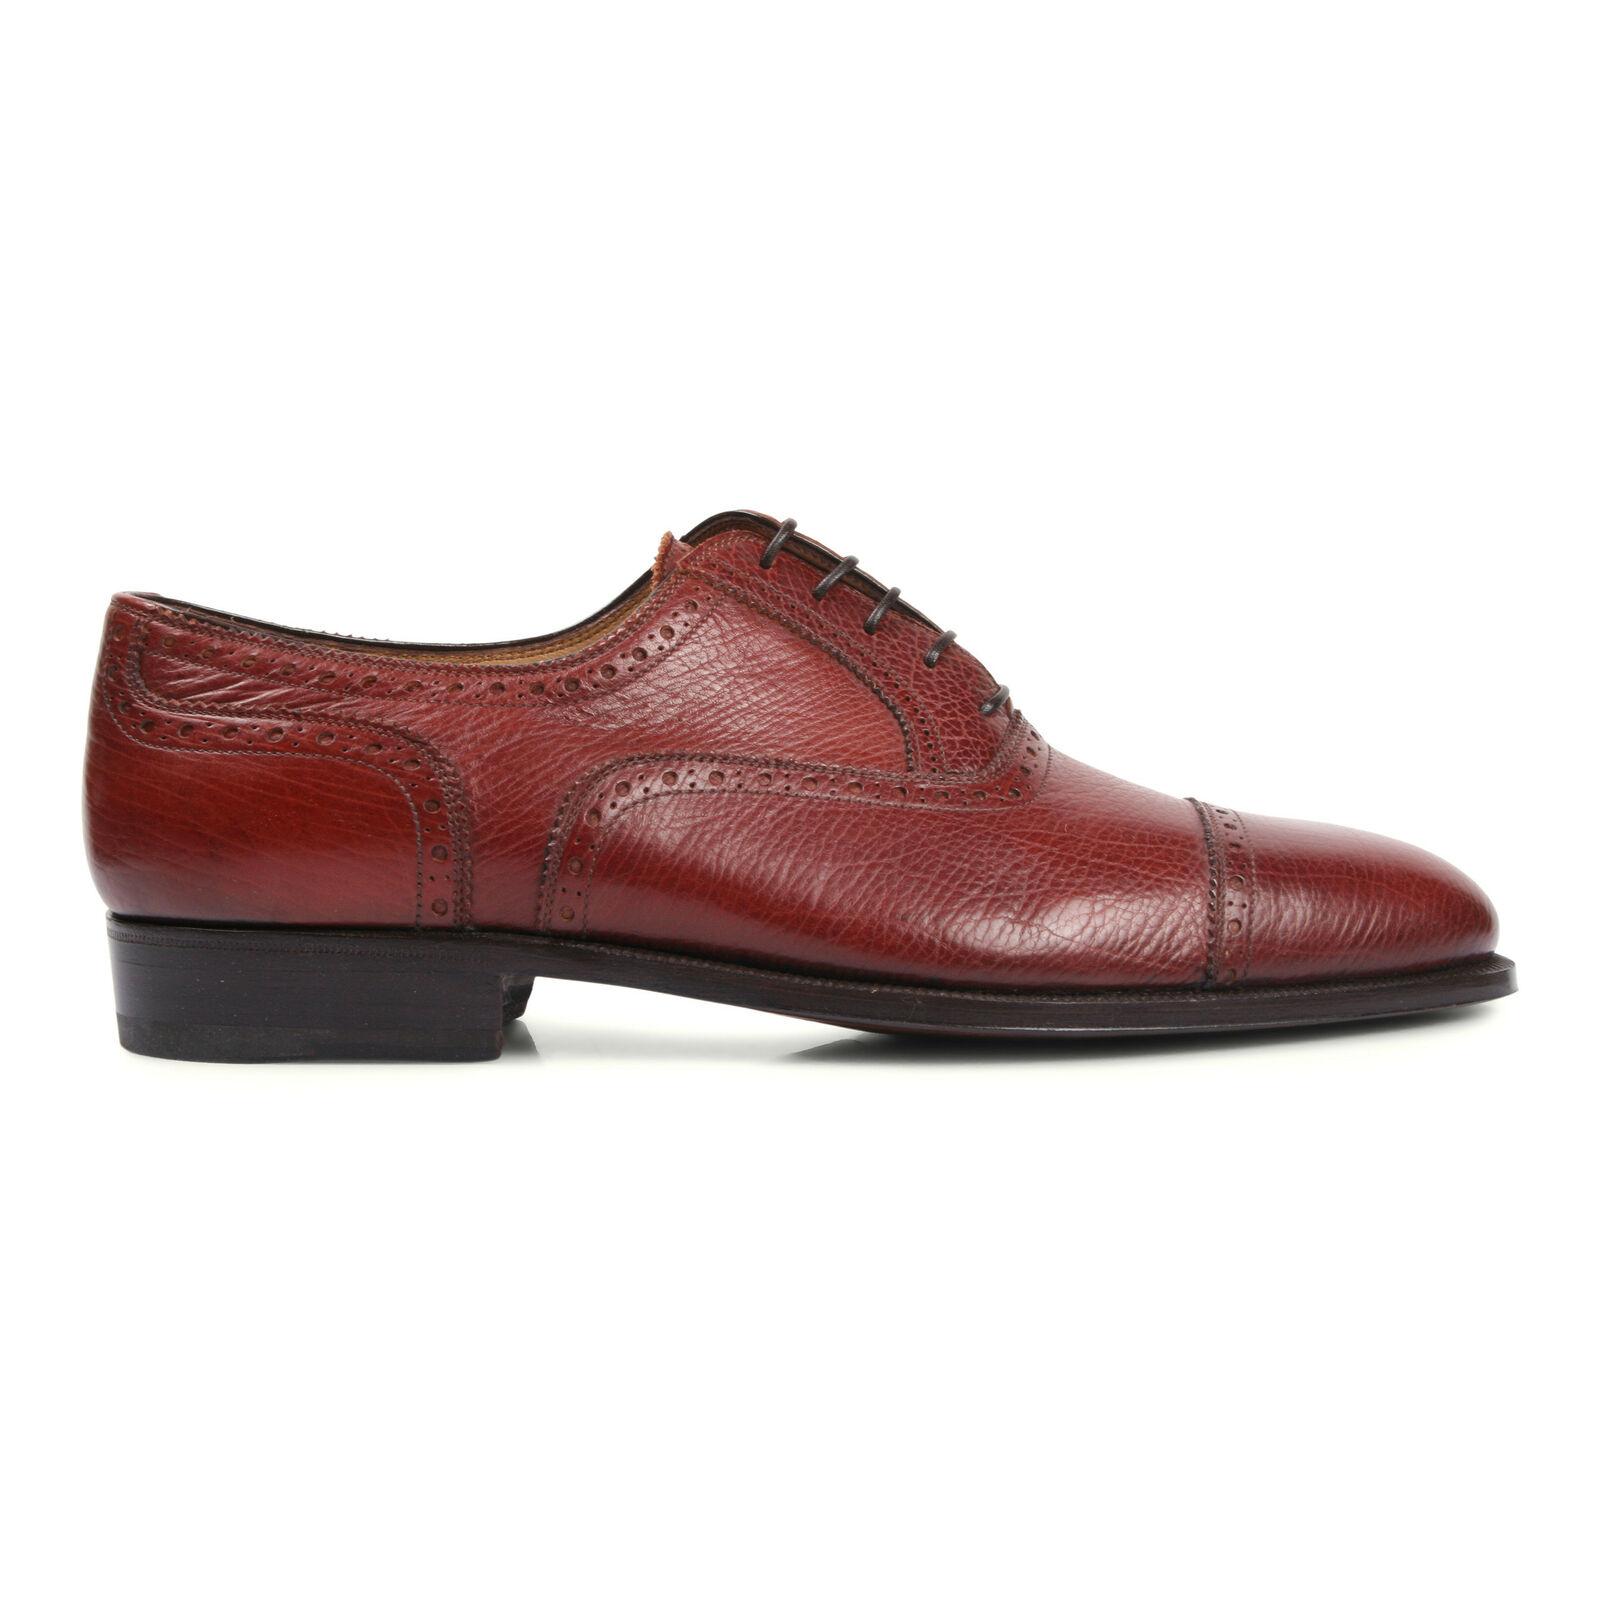 Brioni Hombre Burdeos Cuero Zapato de Vestir Eu 41.5 Eu 8.5 GB 7.5 Nuevo